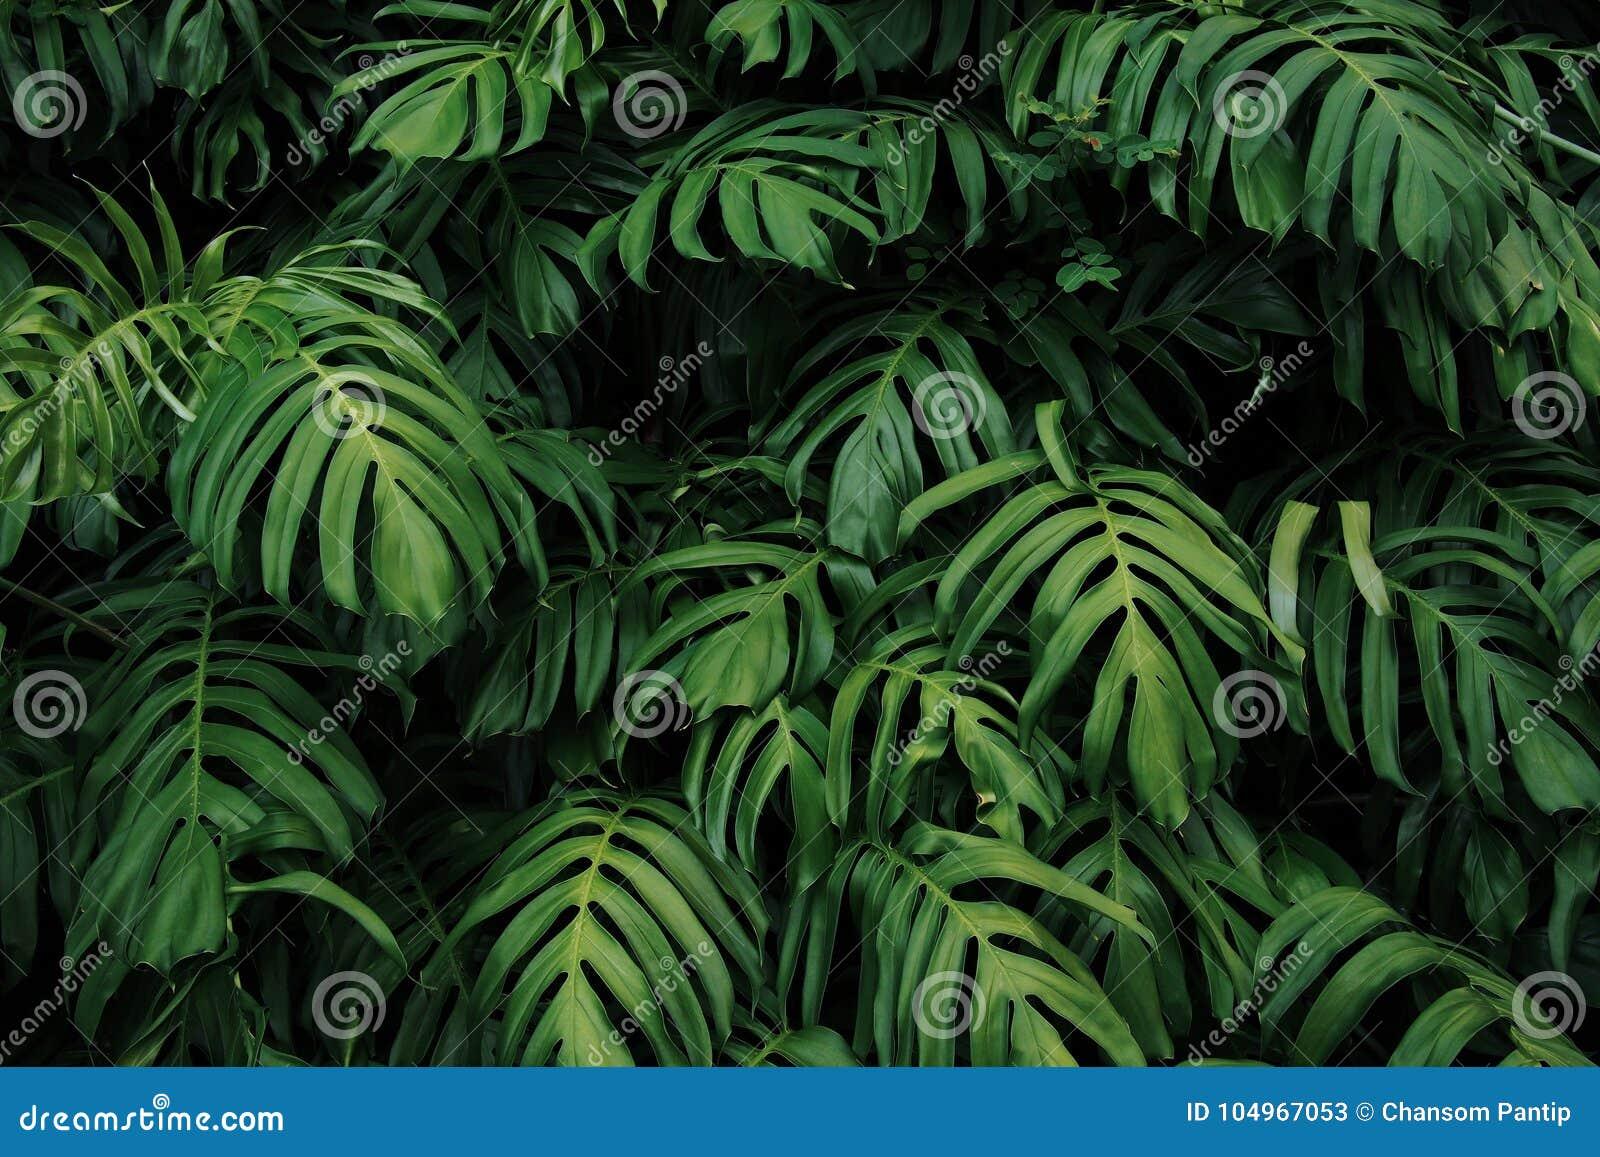 gr nbl tter von monstera philodendron pflanzen das wachsen in wildem die tropische waldanlage. Black Bedroom Furniture Sets. Home Design Ideas